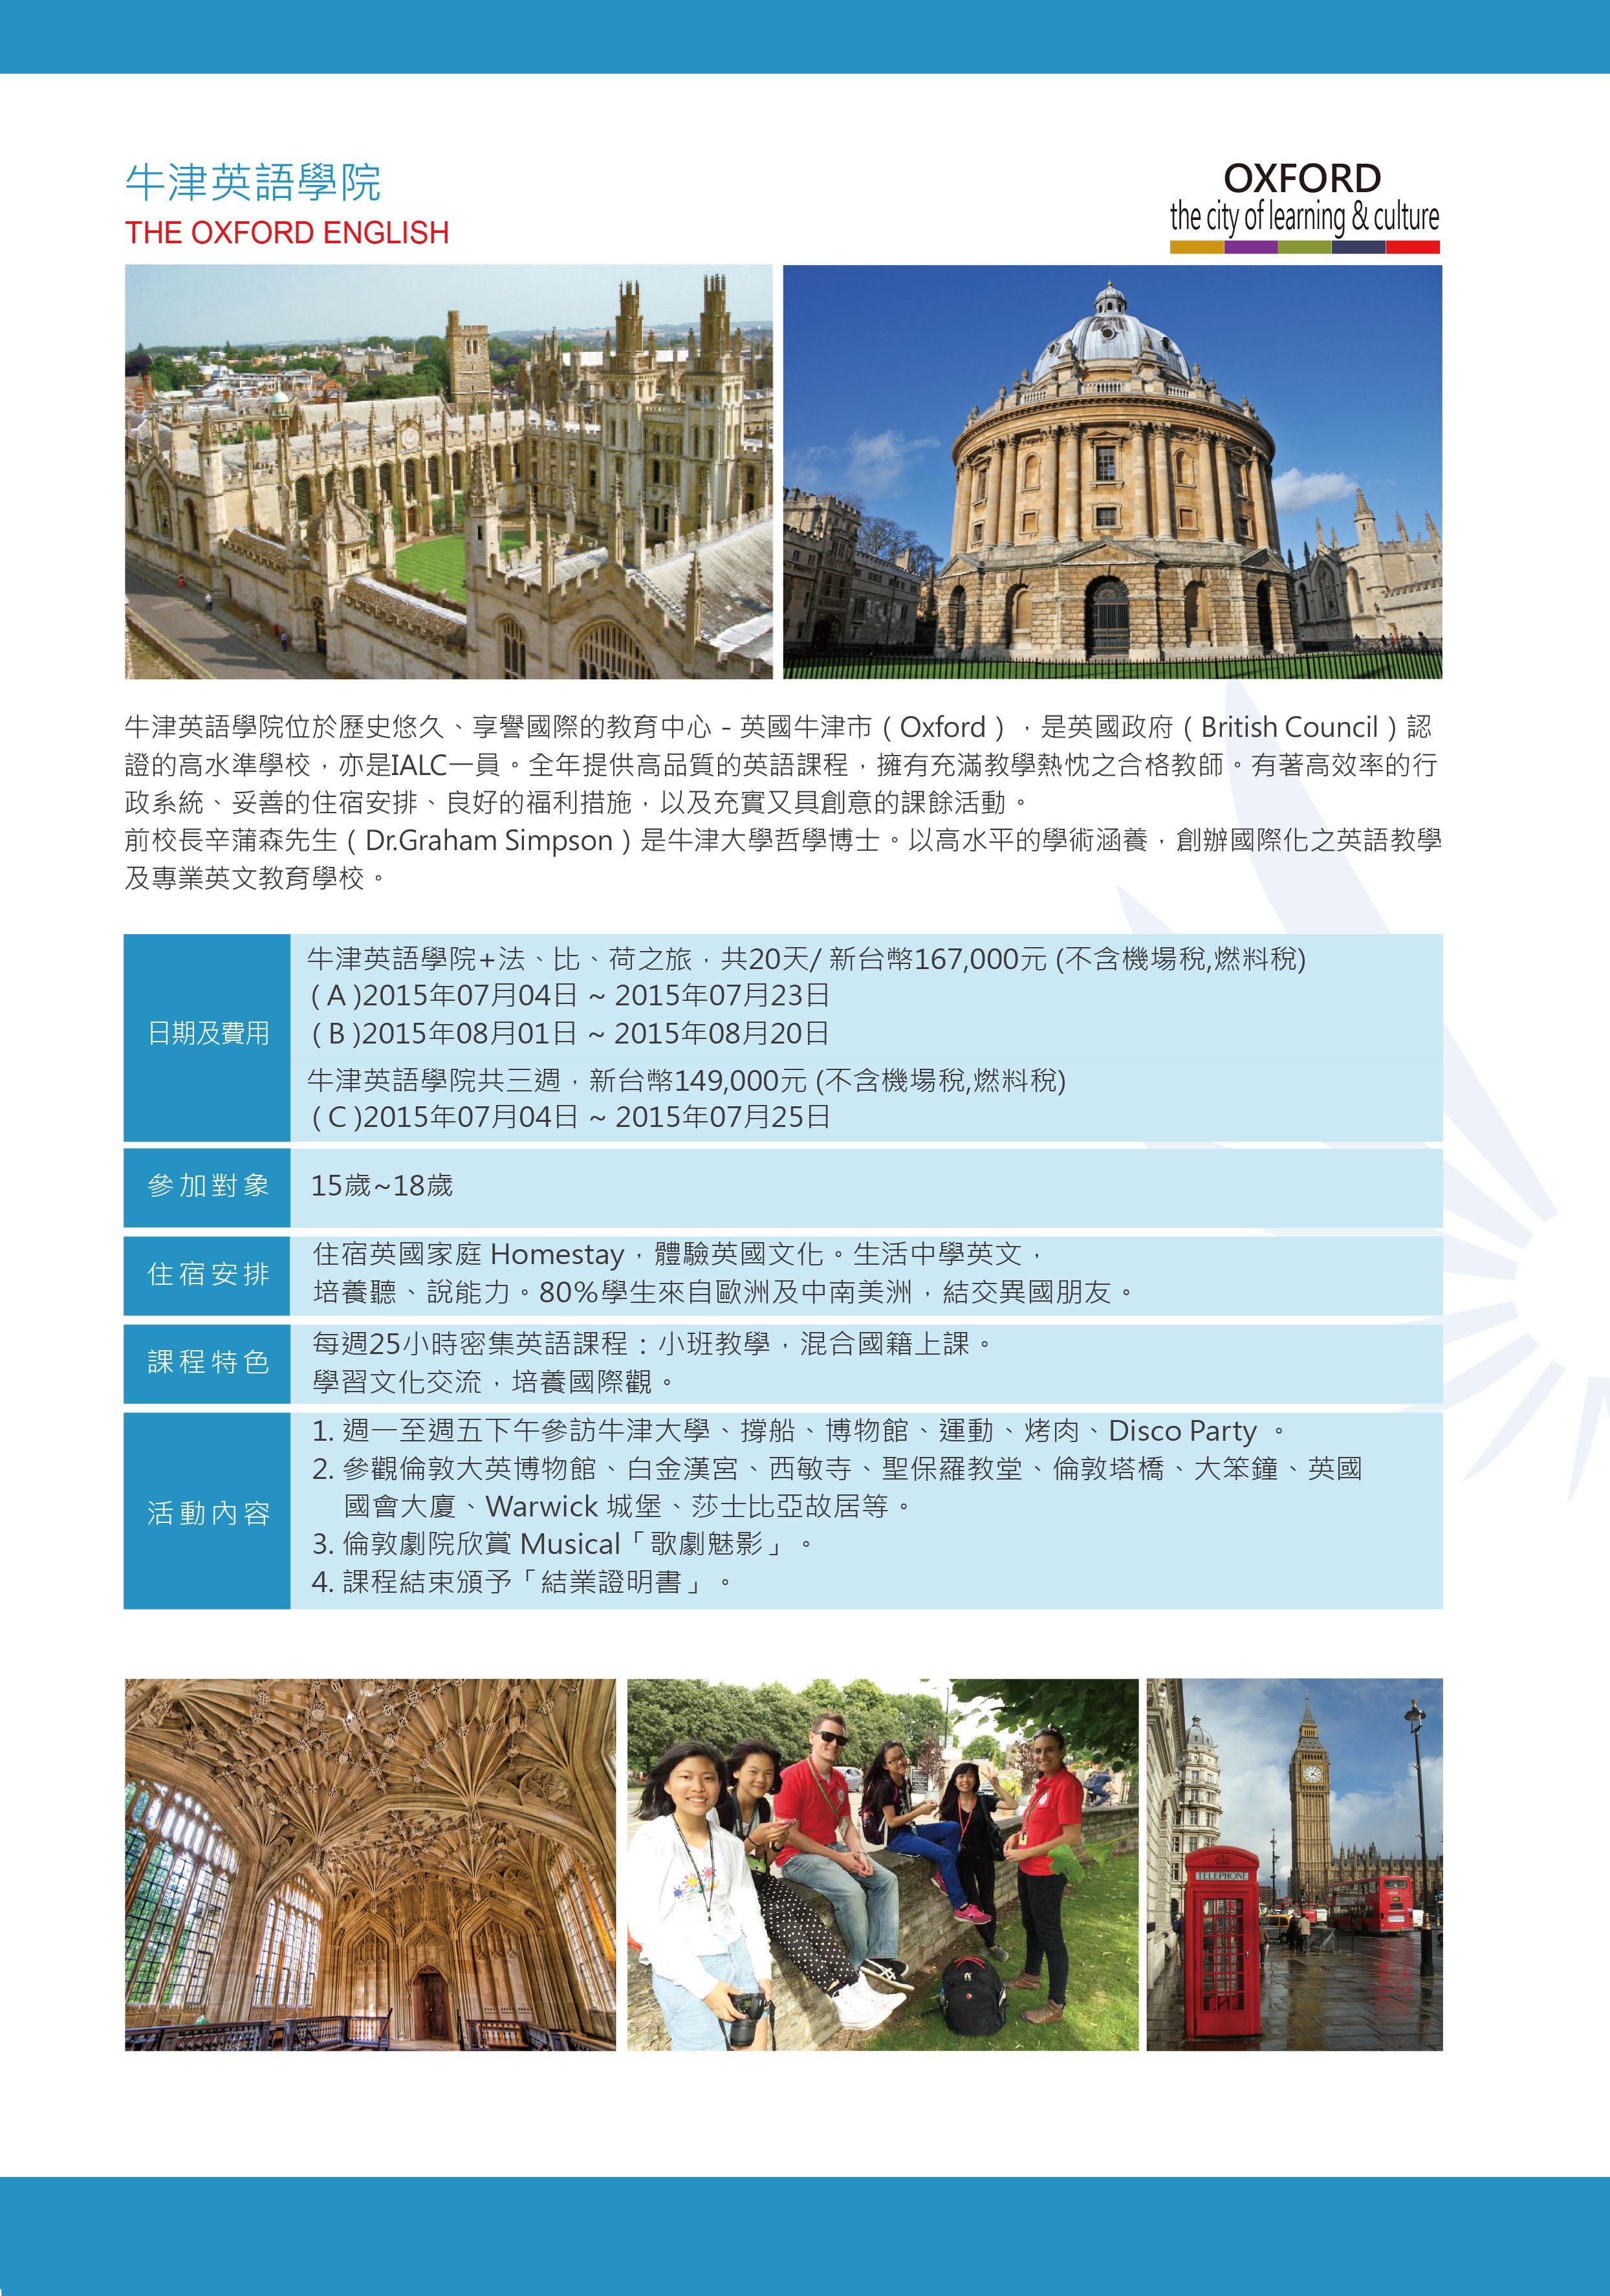 2015維特暑期海外遊學